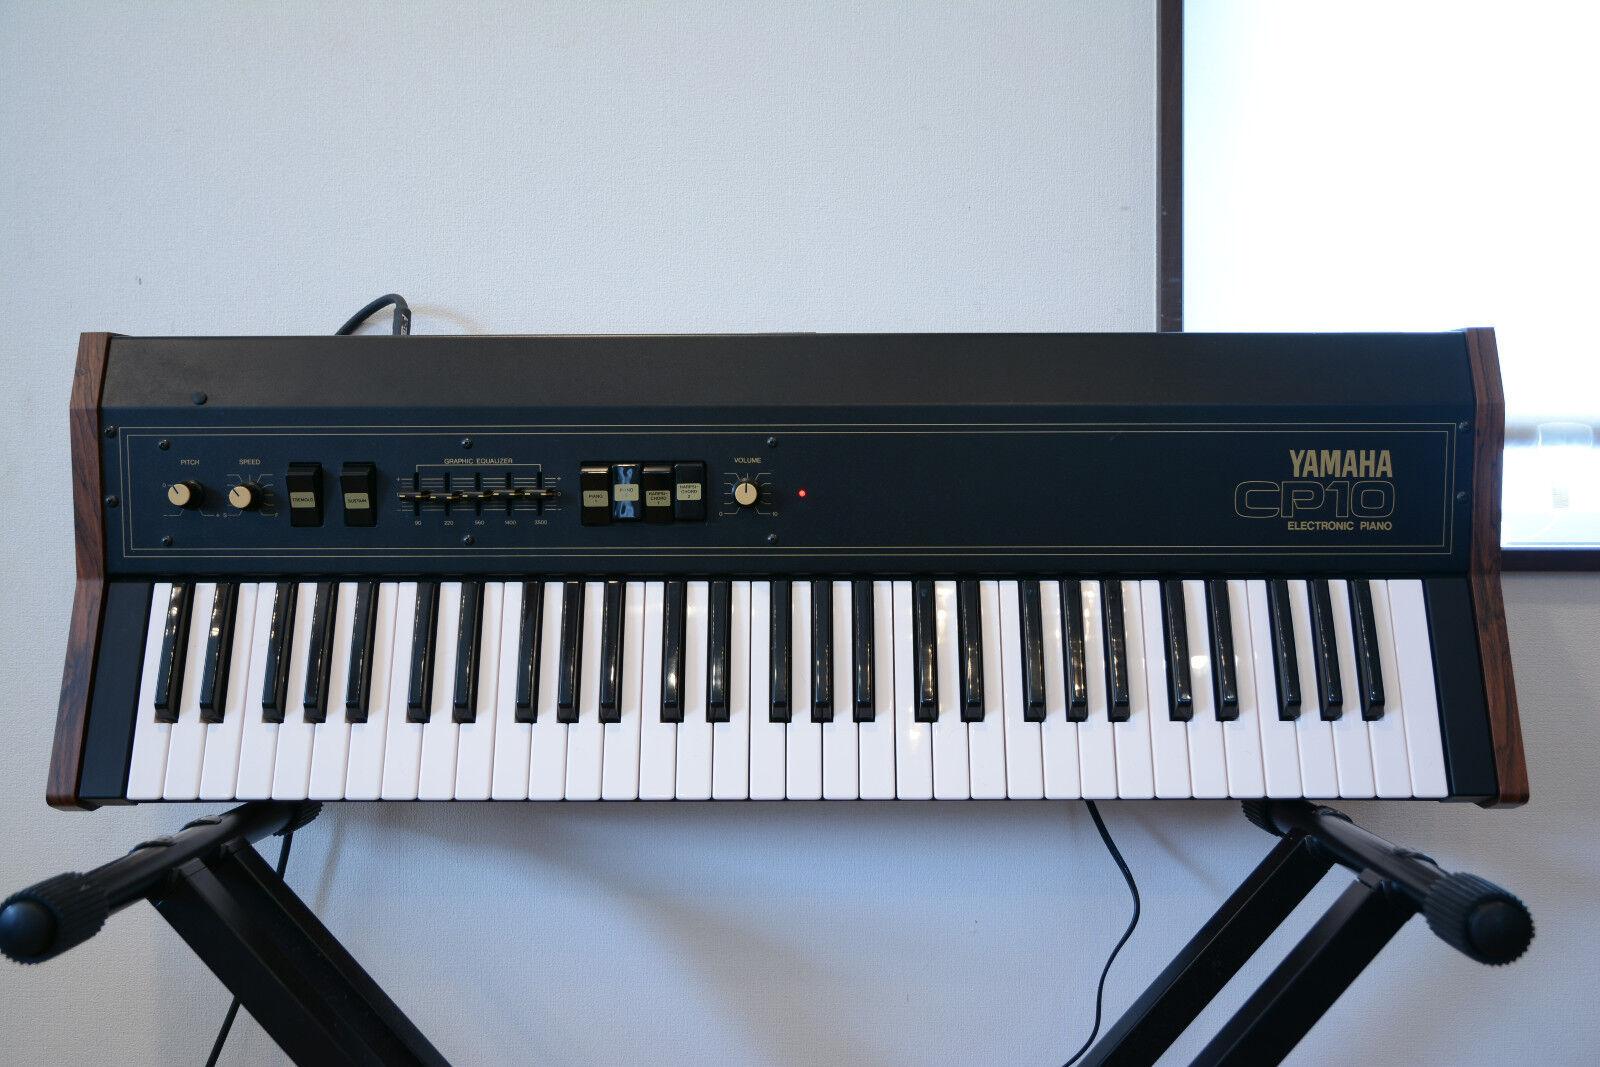 Yamaha CP10 CP10 CP10 Piano Eléctrico Vintage 1970s Piano Eléctrico Con Estuche Original db5ed4